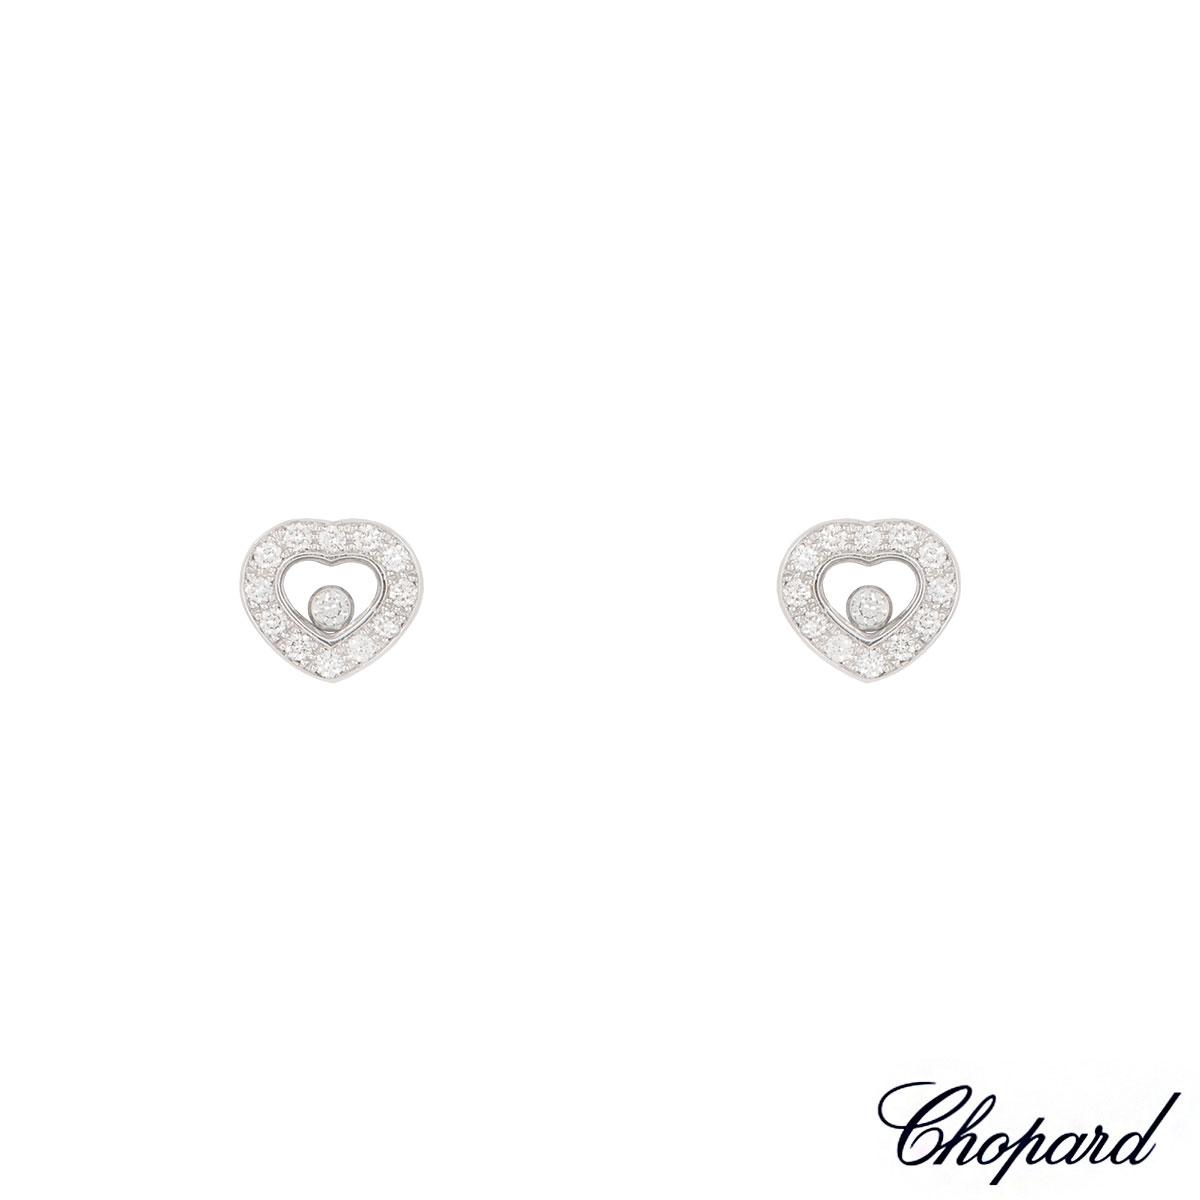 Chopard White Gold Happy Diamond Heart Earrings 83/2936-20